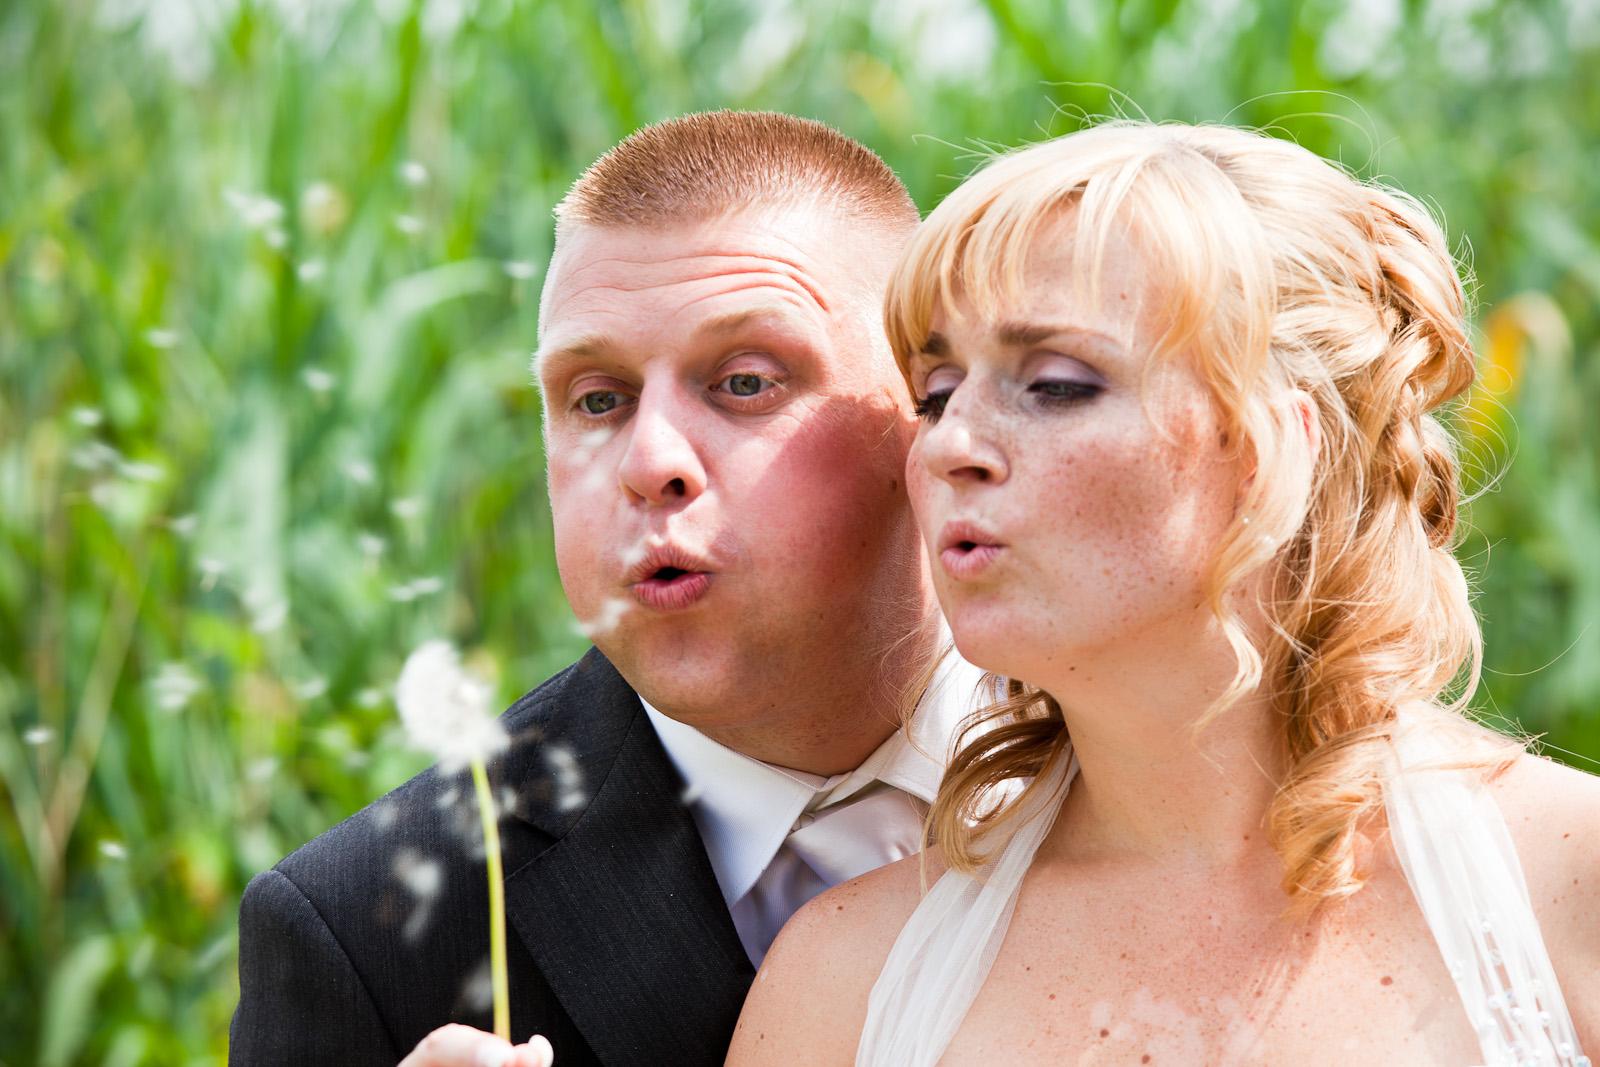 trouwshoot-bruidsfotografie-trouwfoto-feestfotografie-trouwreportage-Alex en Evelyn525.jpg